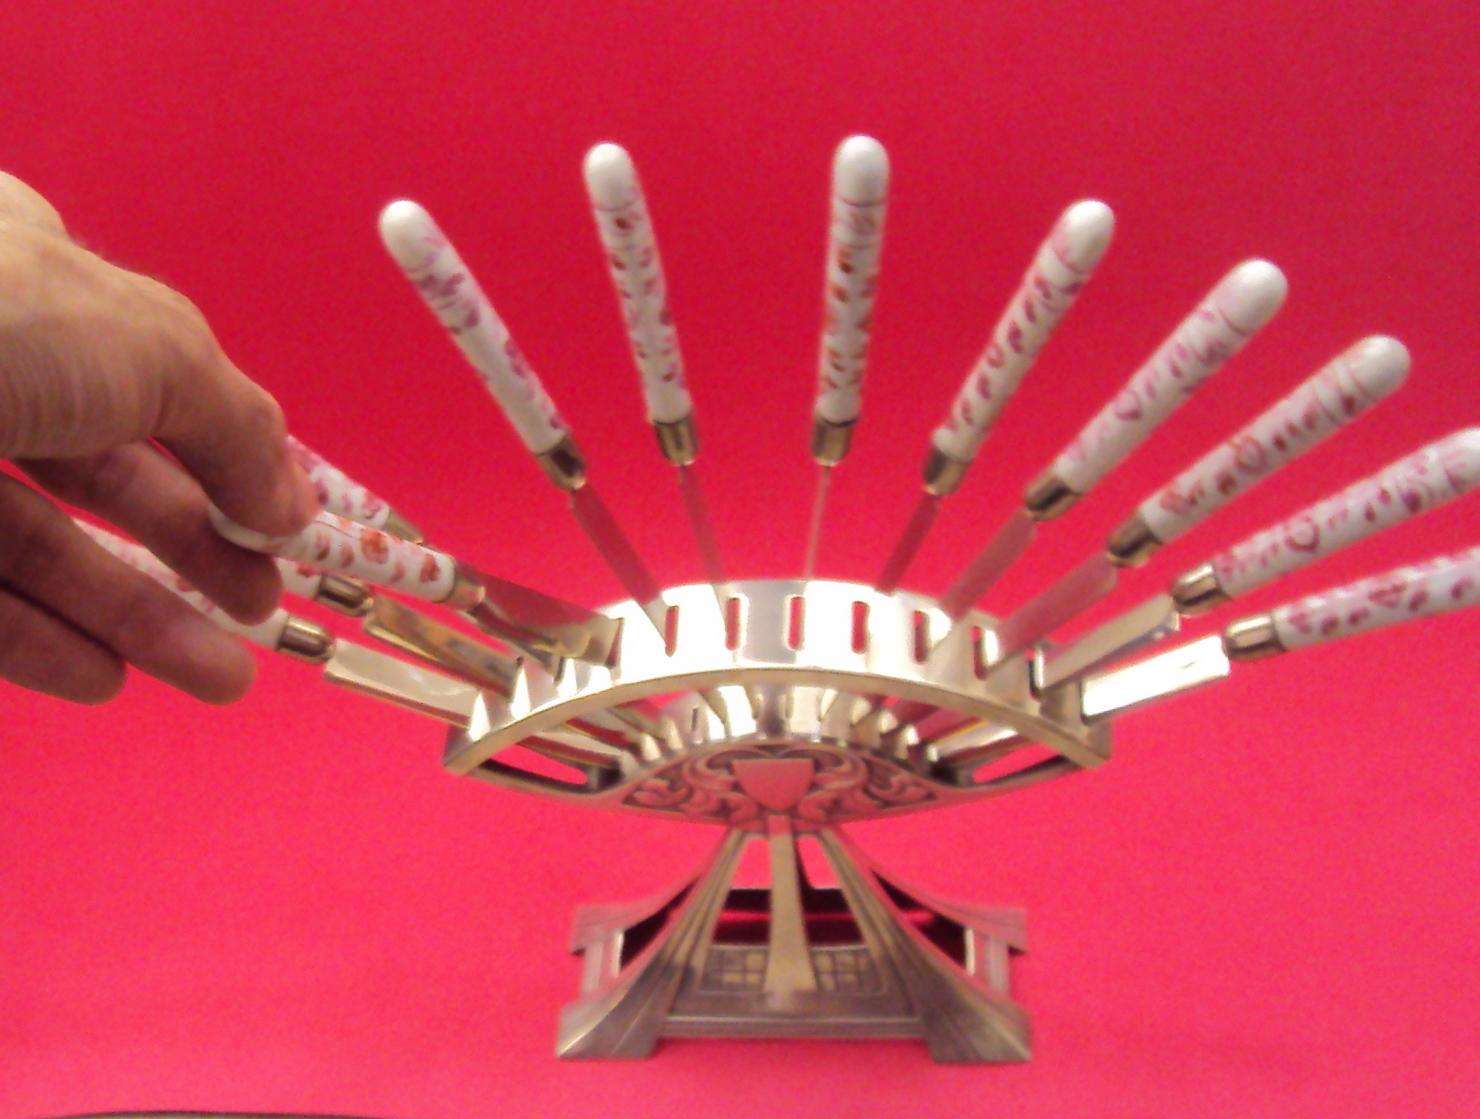 DI 50 – Porta facas C/ 12 Facas WMF Alemão Início Século Passado  #C10A30 1480x1119